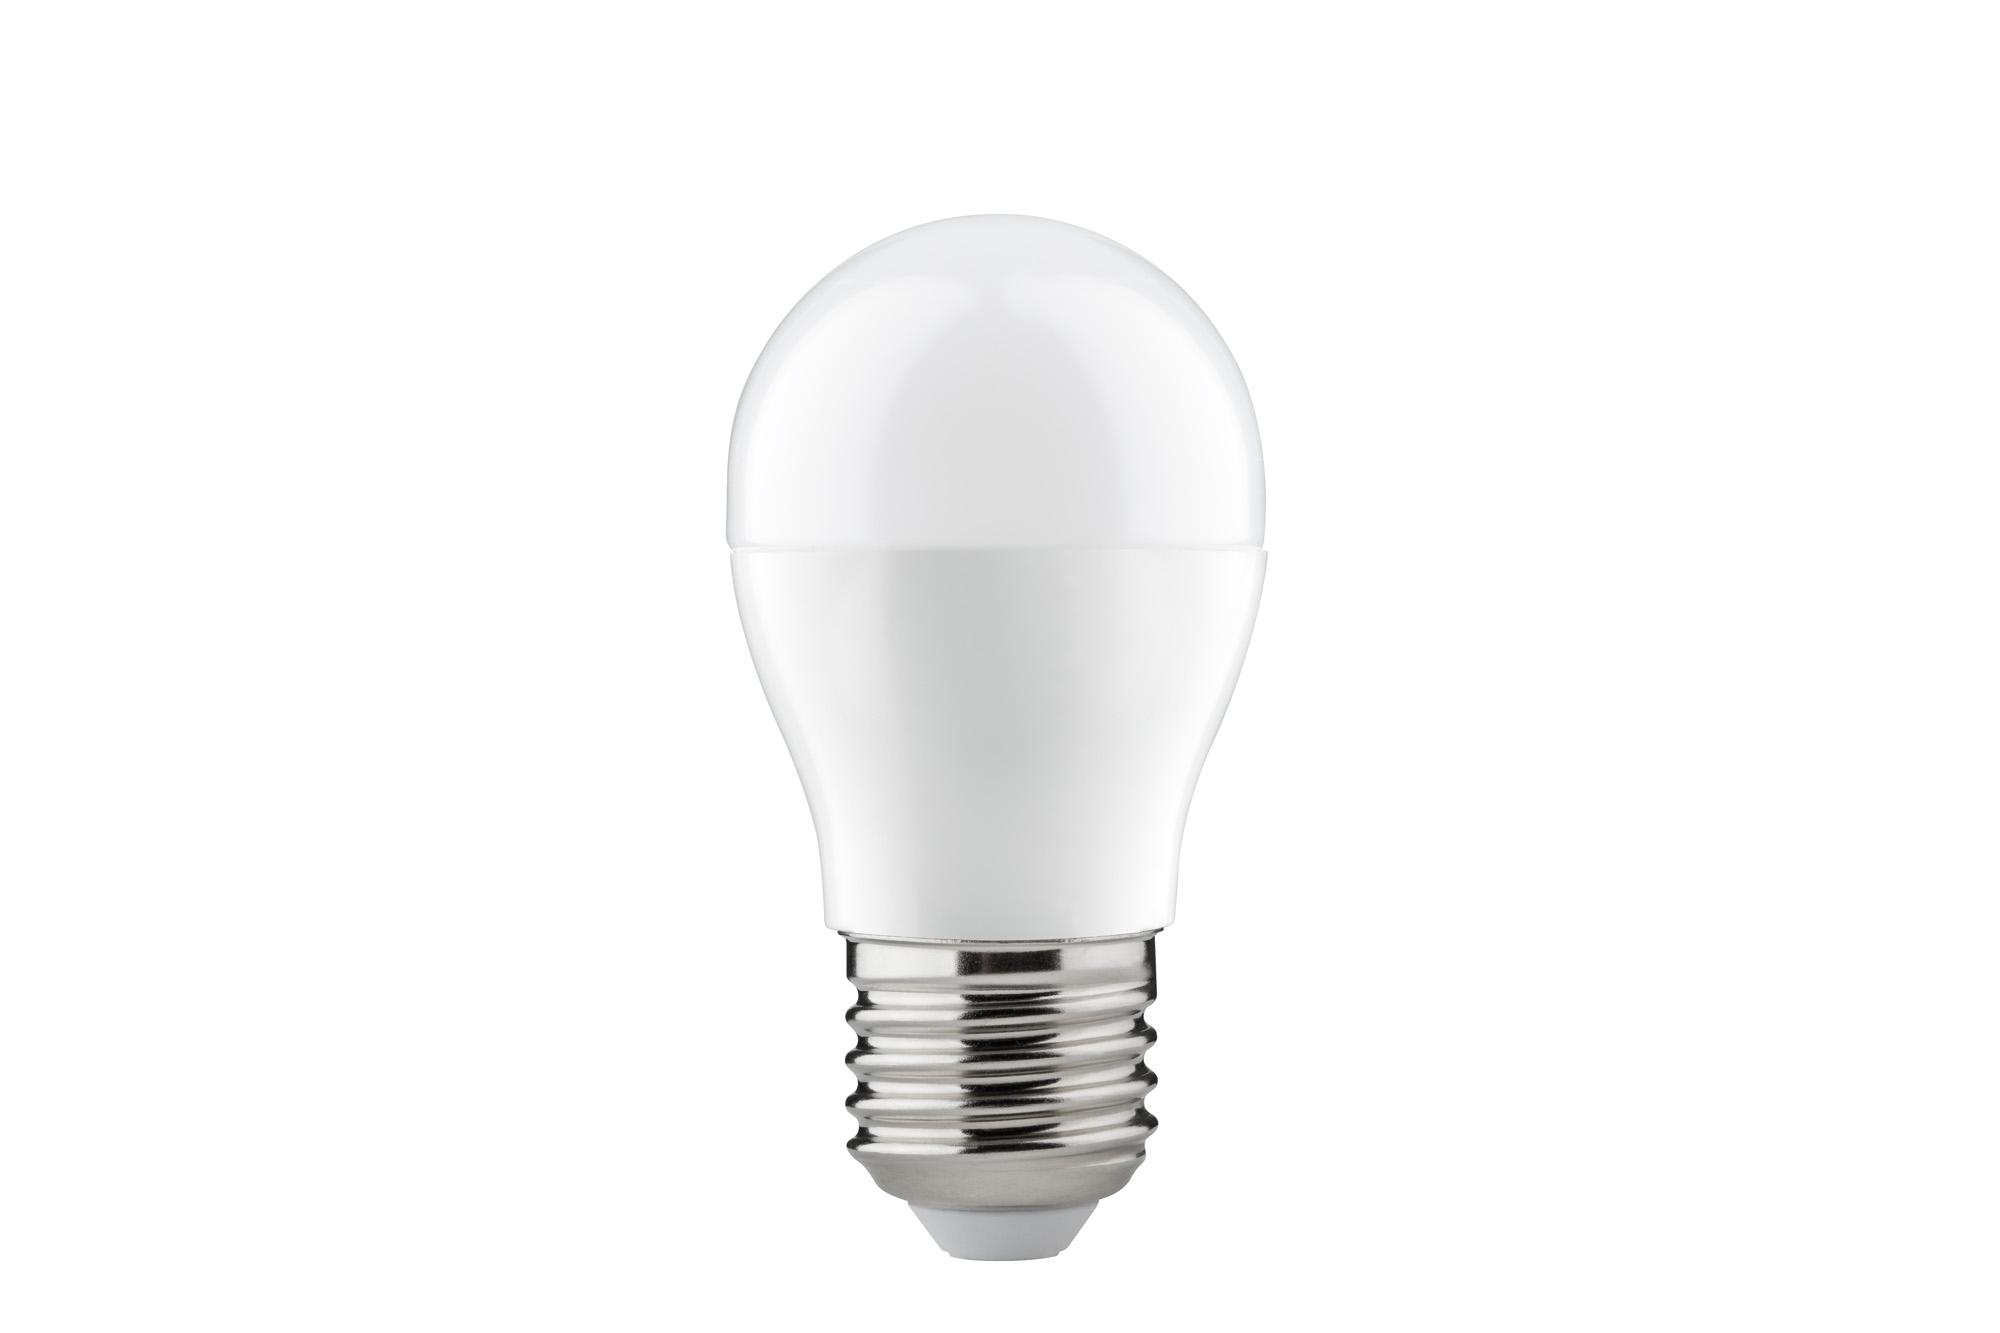 led tropfenlampe 6 watt e27 warmwei opal 28296. Black Bedroom Furniture Sets. Home Design Ideas